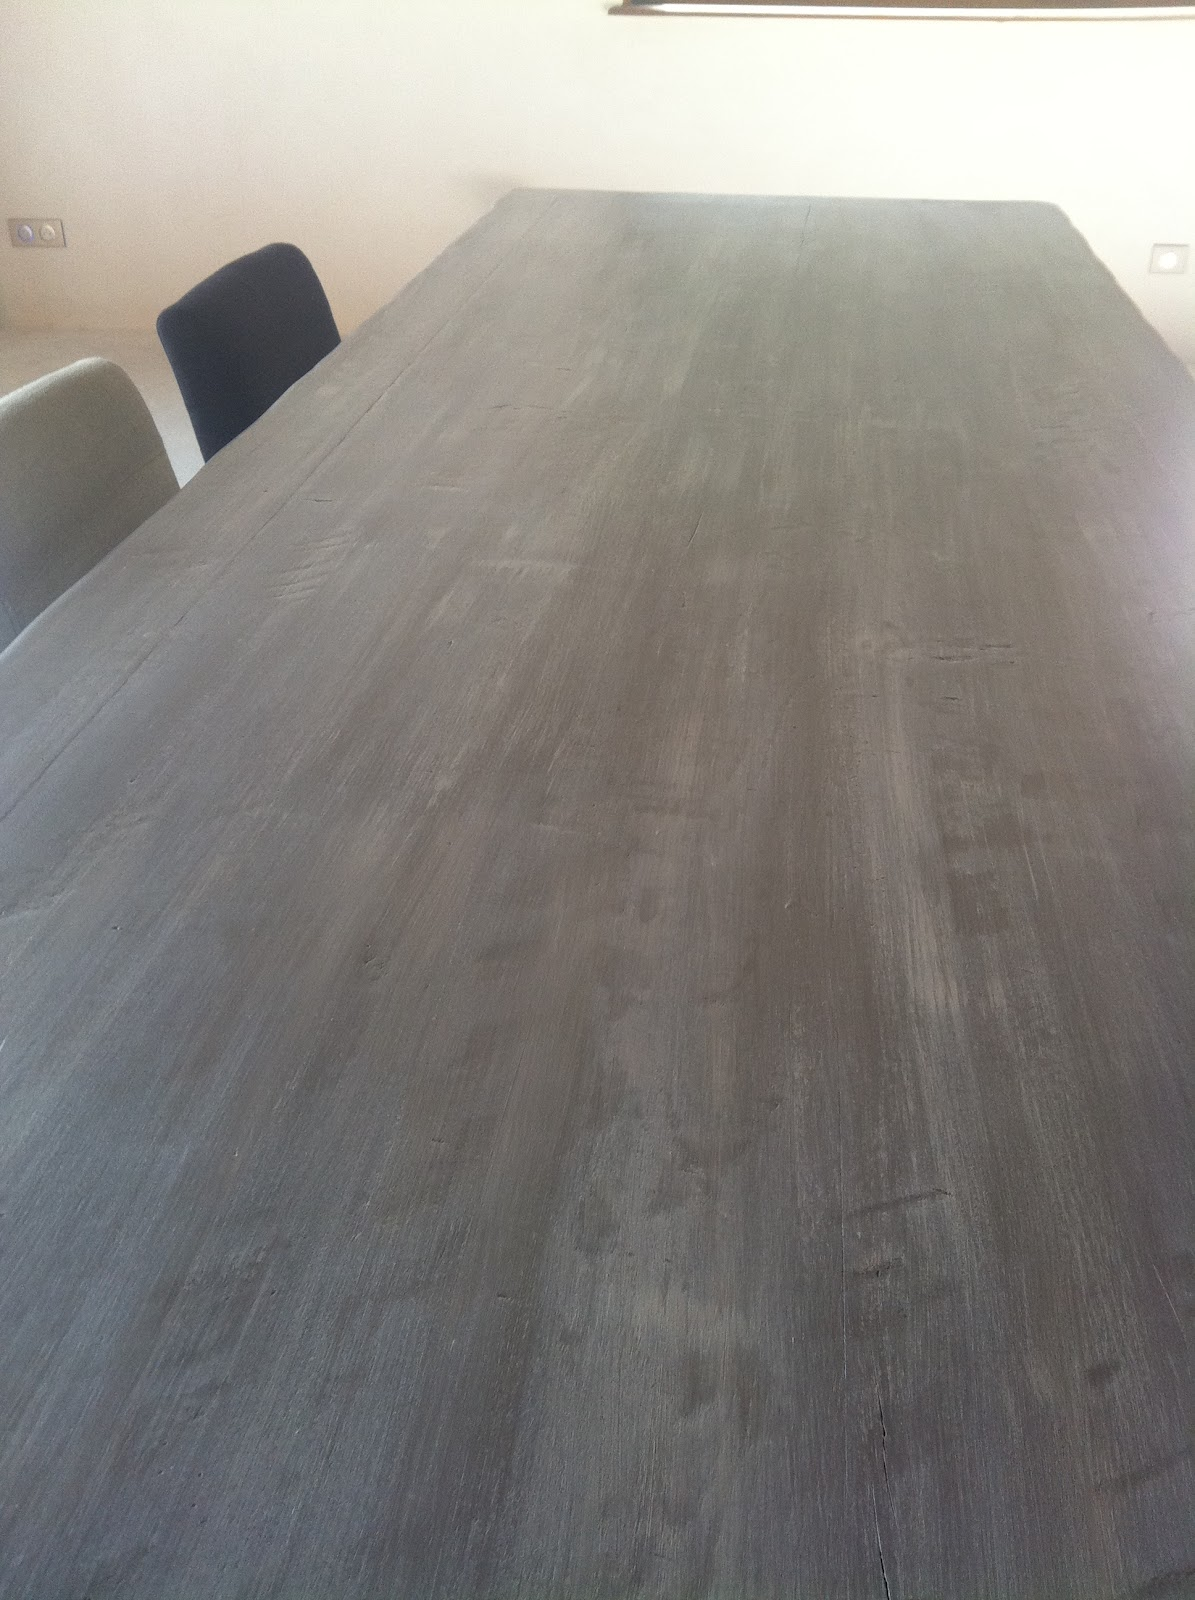 l 39 atelier des f es relooking table de ferme buxy table anciennement bois tr s fon j 39 ai. Black Bedroom Furniture Sets. Home Design Ideas